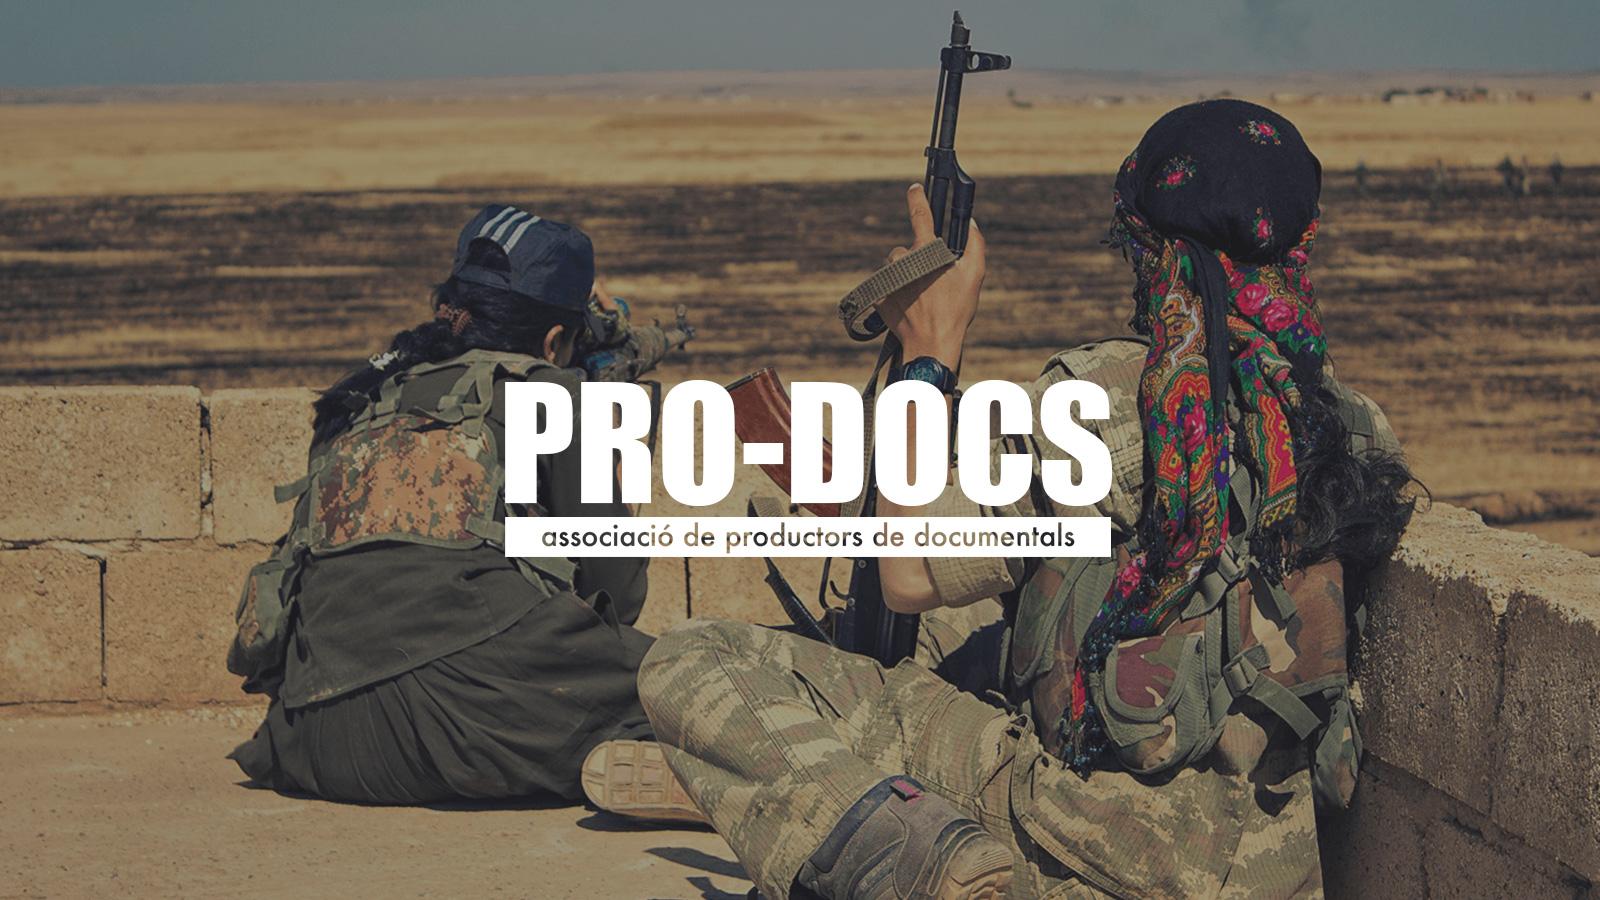 prodocs-proa